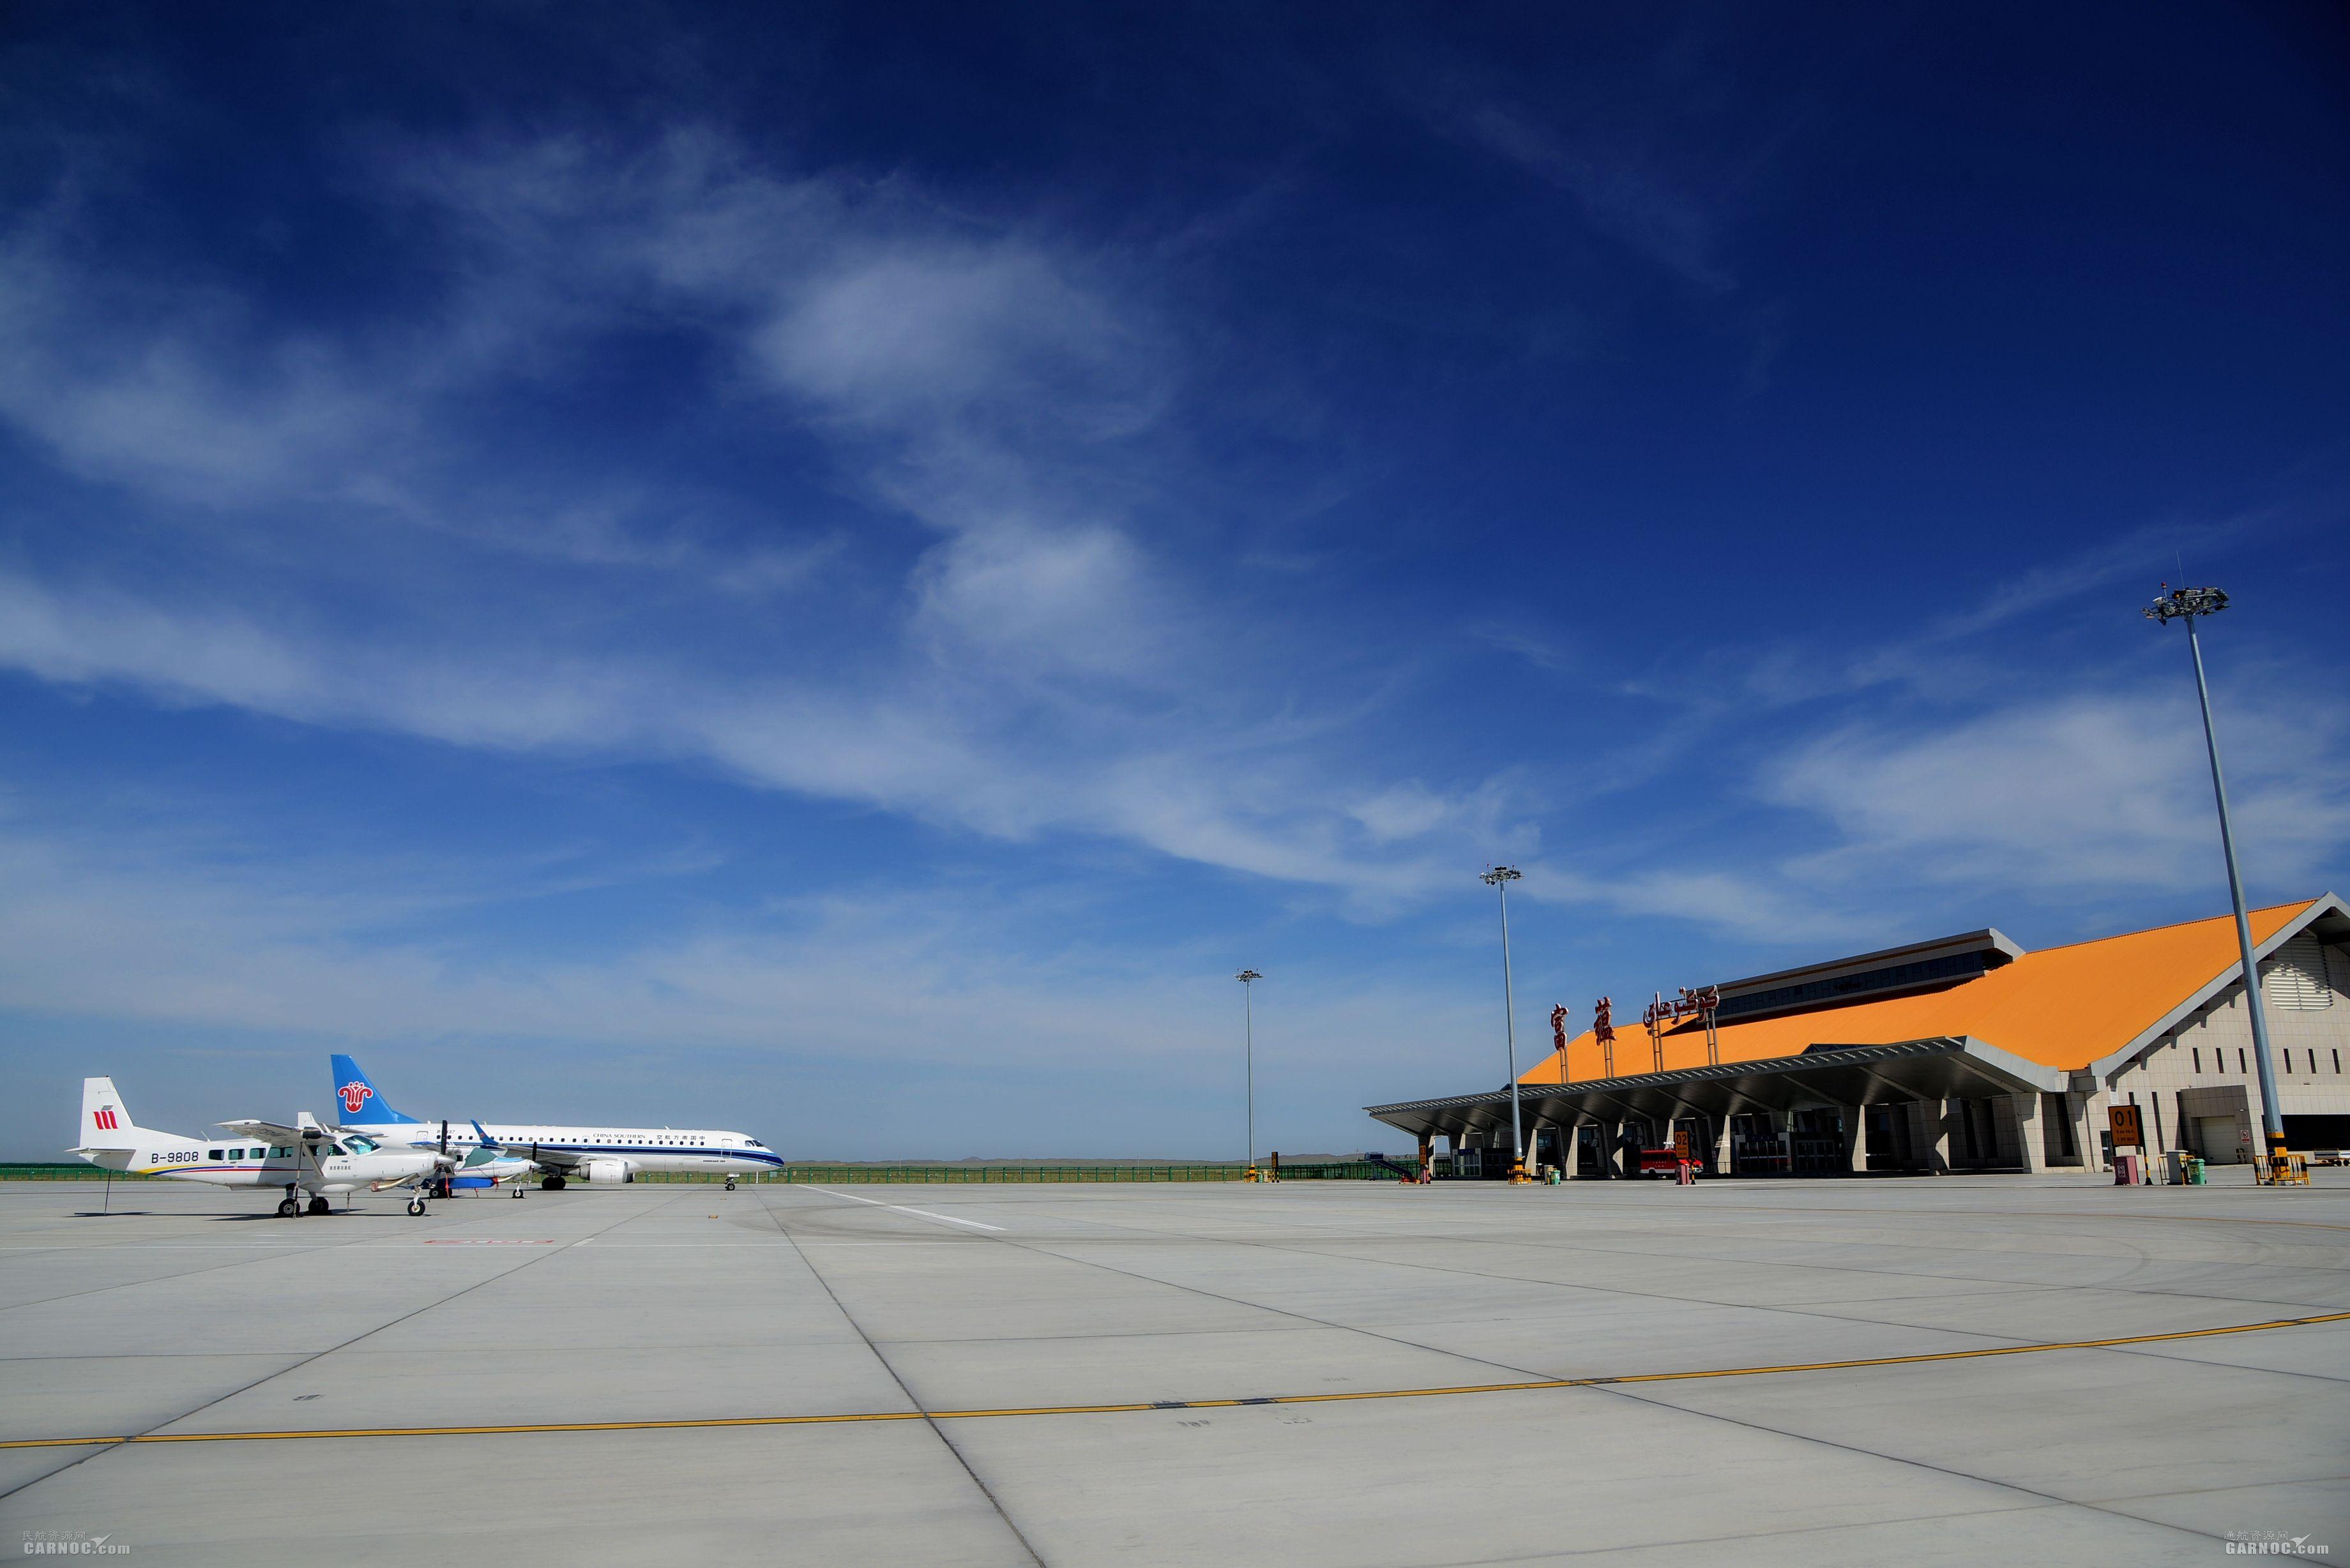 富蕴机场春运收官 共保障各类飞行193架次